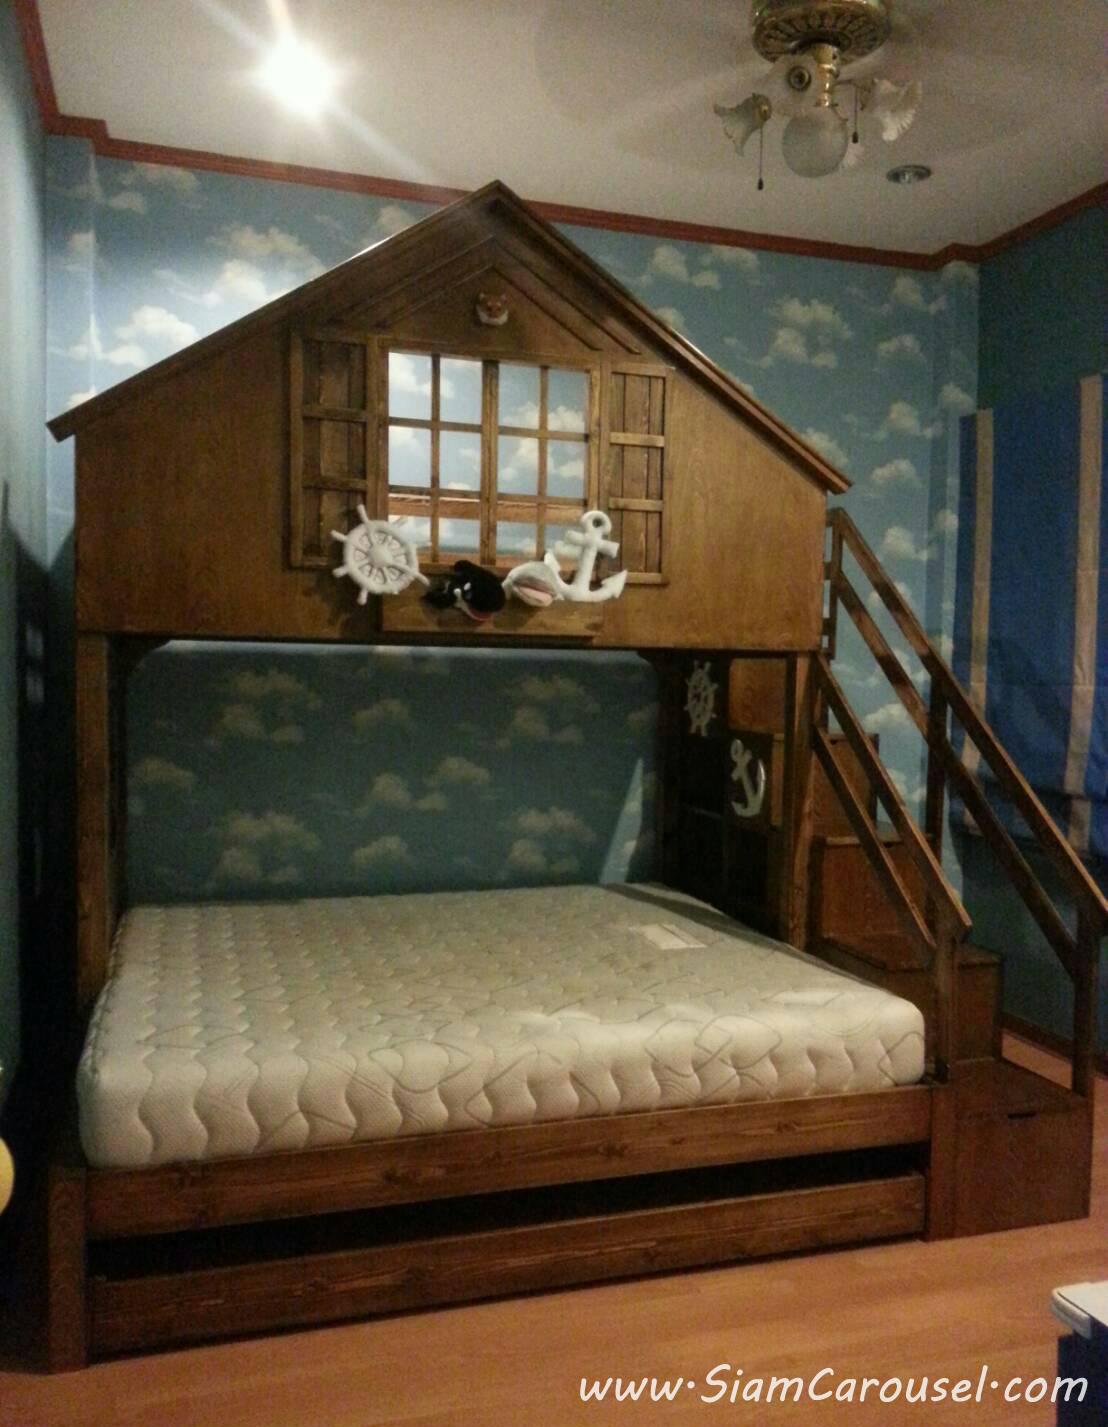 เตียง 3 ชั้น ทรงบ้าน ของคุณ ลดา บ้านฉาง จ.ระยอง